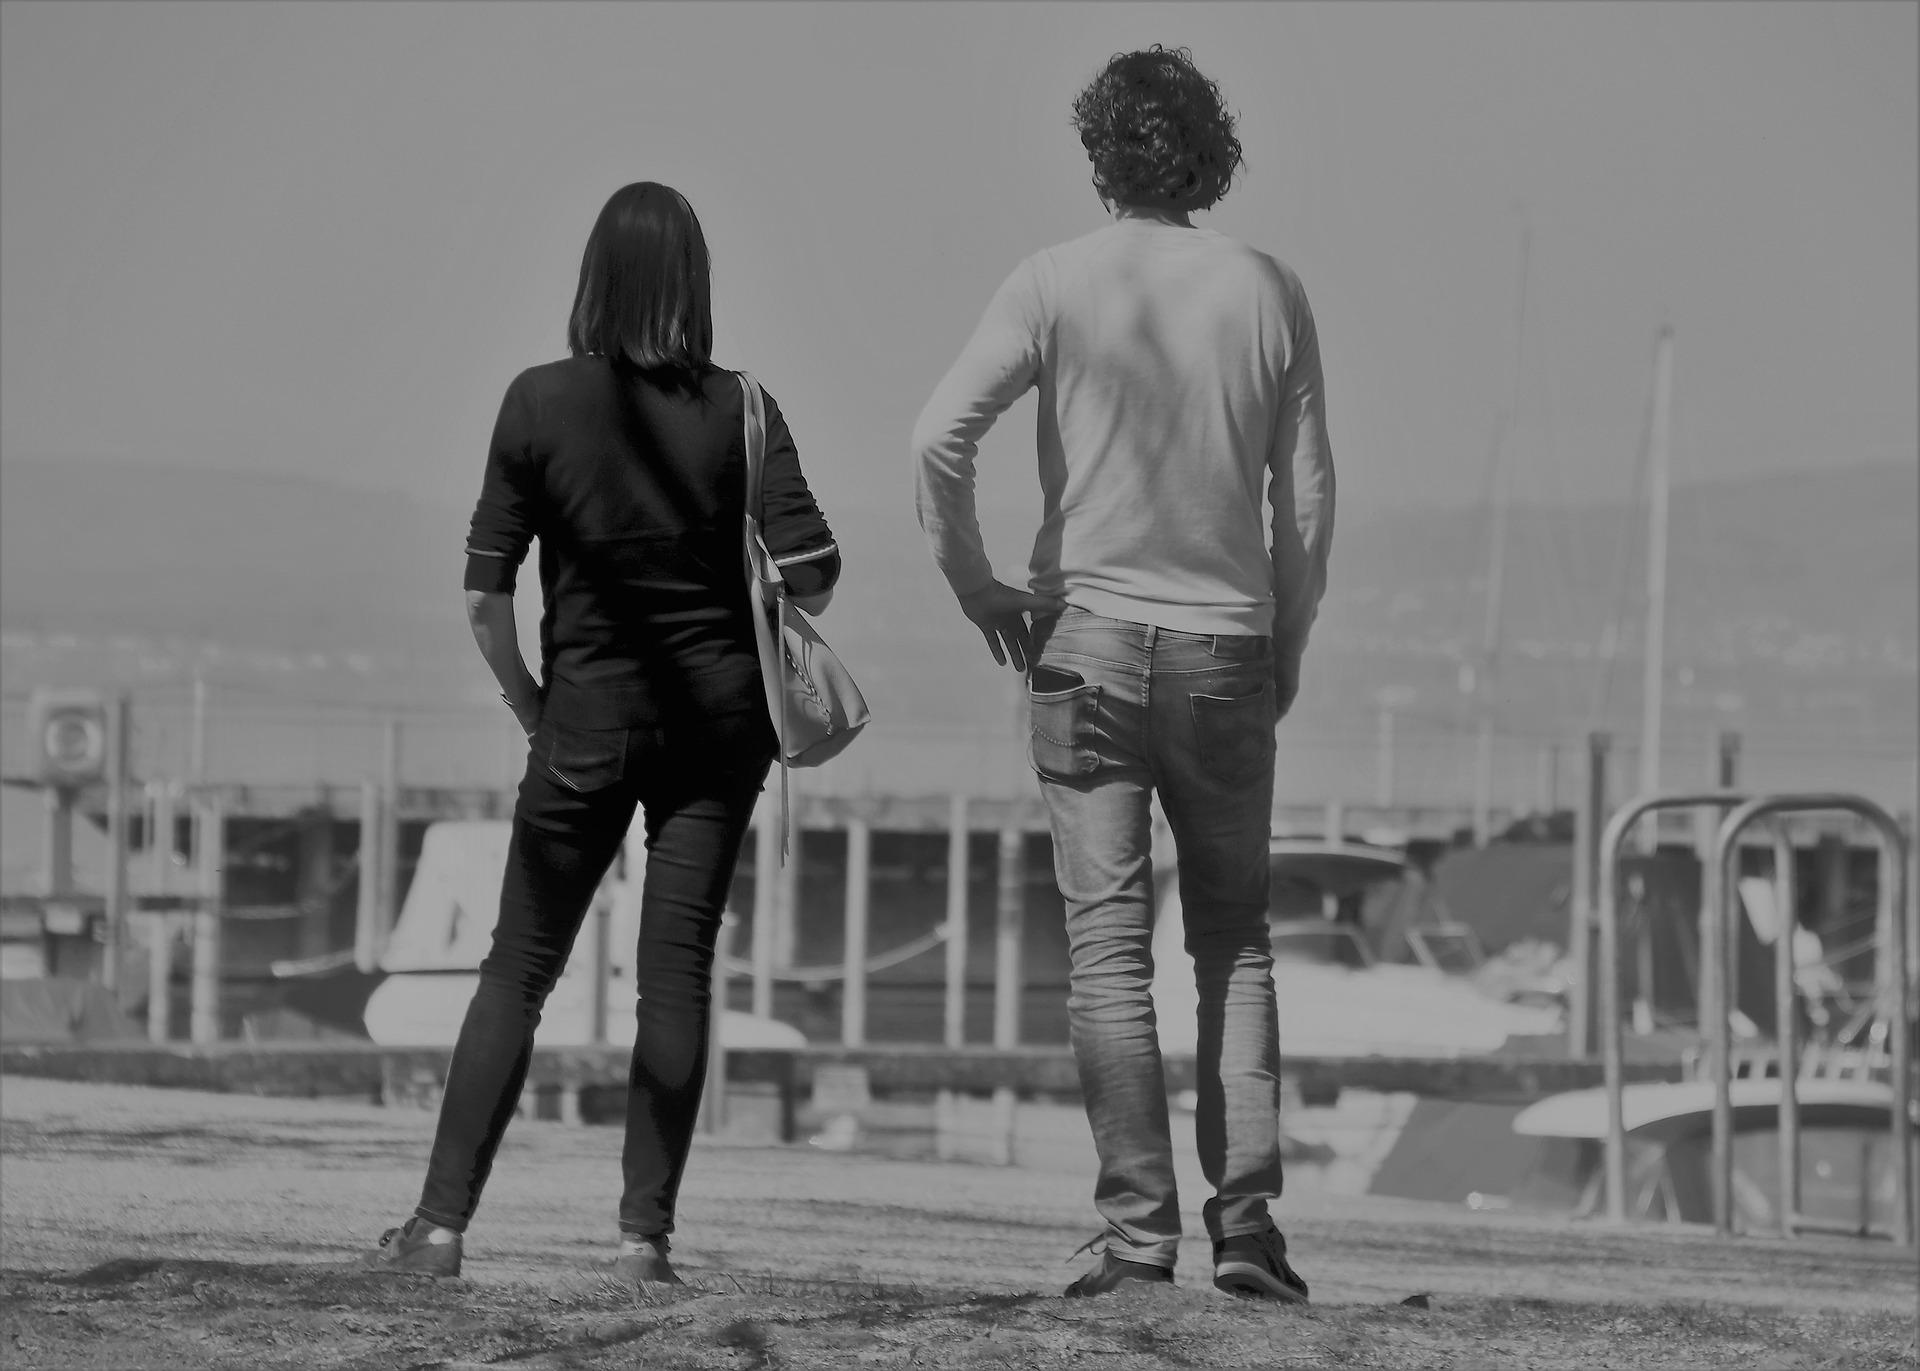 Чи є життя для жінки після розлучення?